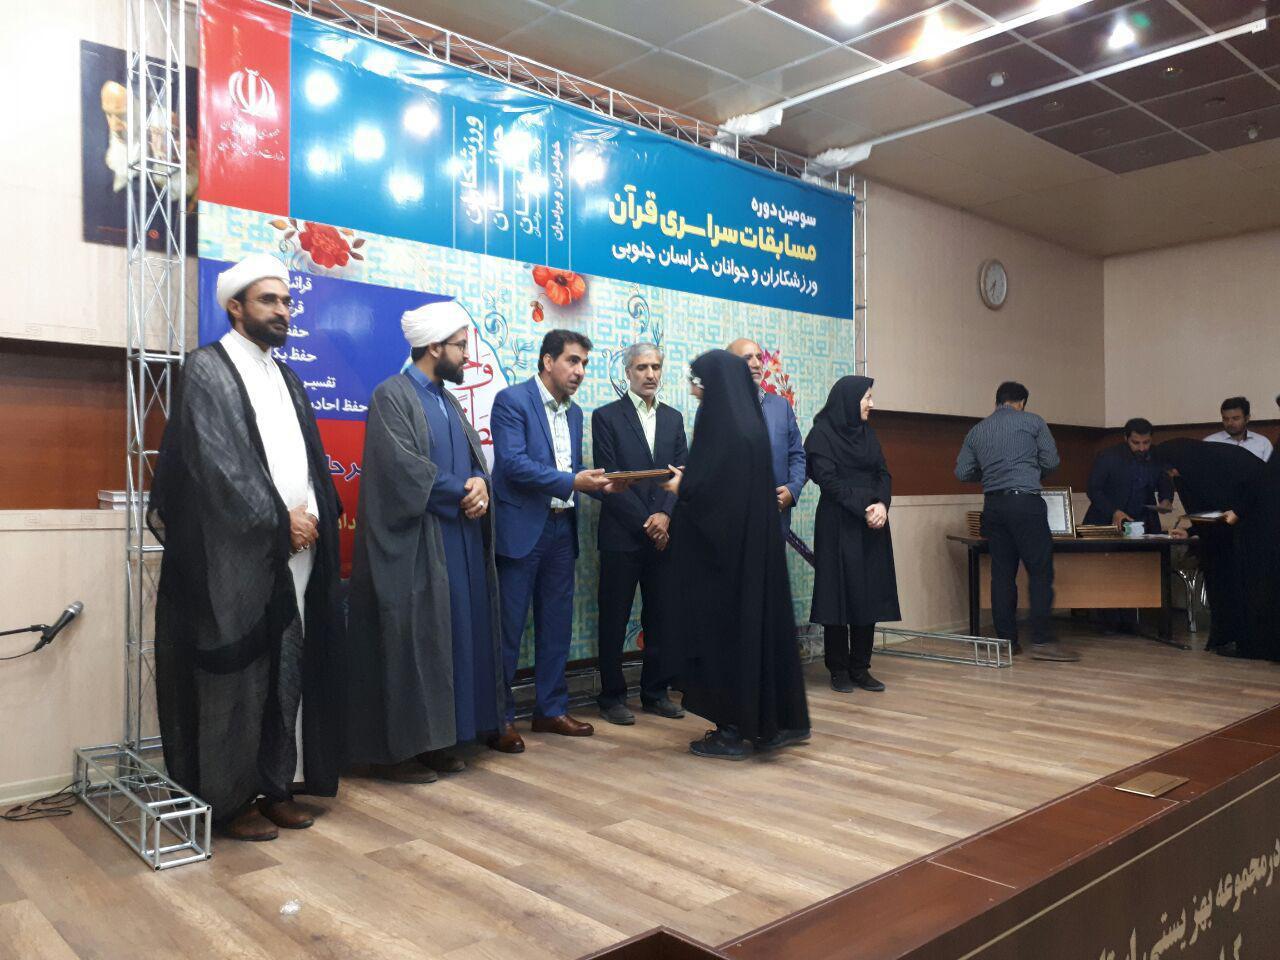 اختتامیه سومین دوره مسابقات سراسری قرآن ورزشکاران و جوانان خراسان جنوبی برگزار شد.